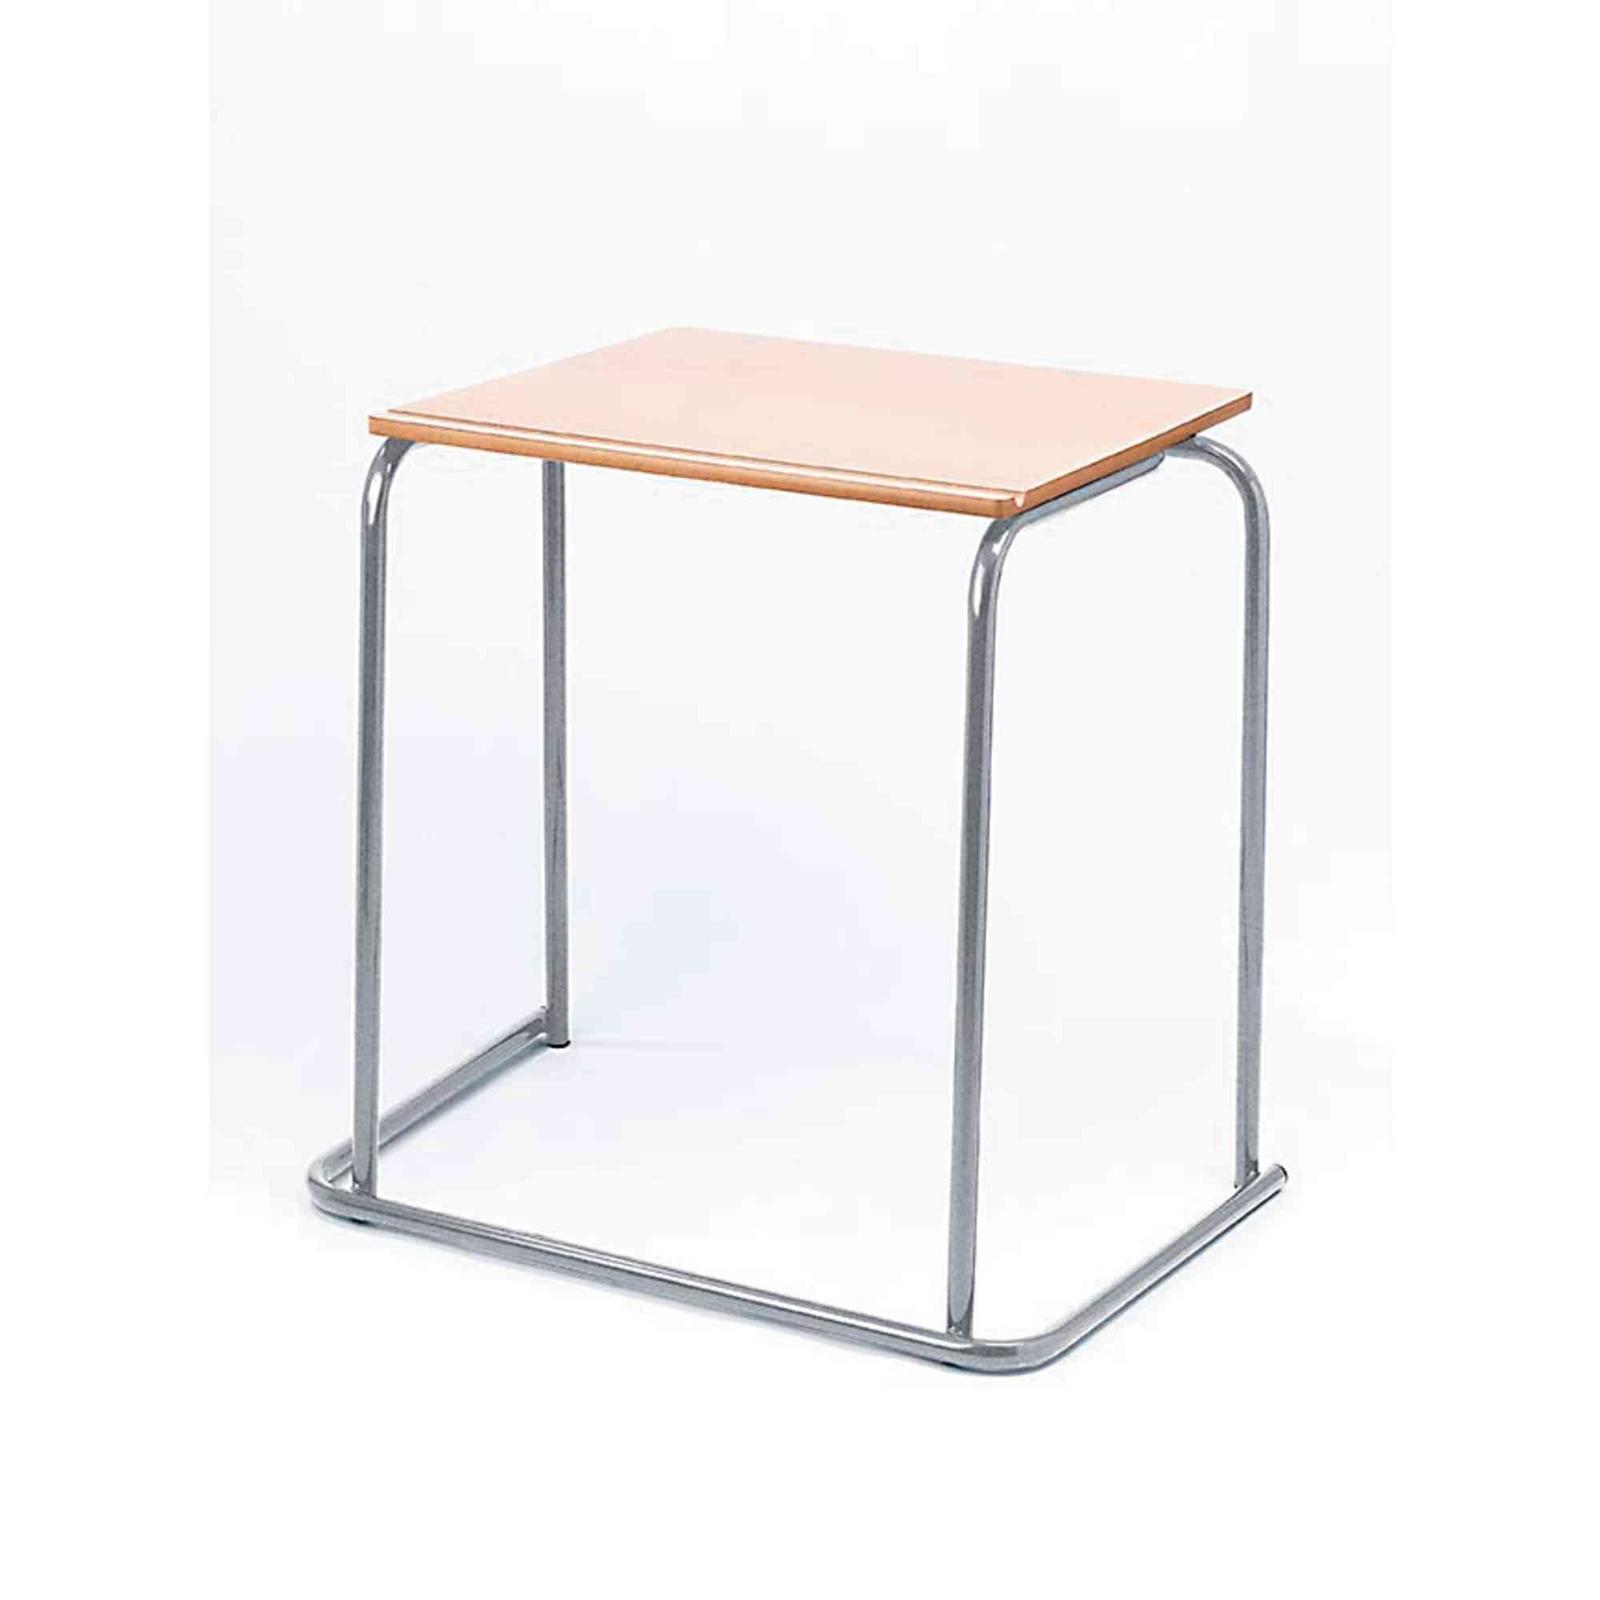 Classmates Rectangular Steel Exam Desk - 600 x 500 x 710mm - Beech